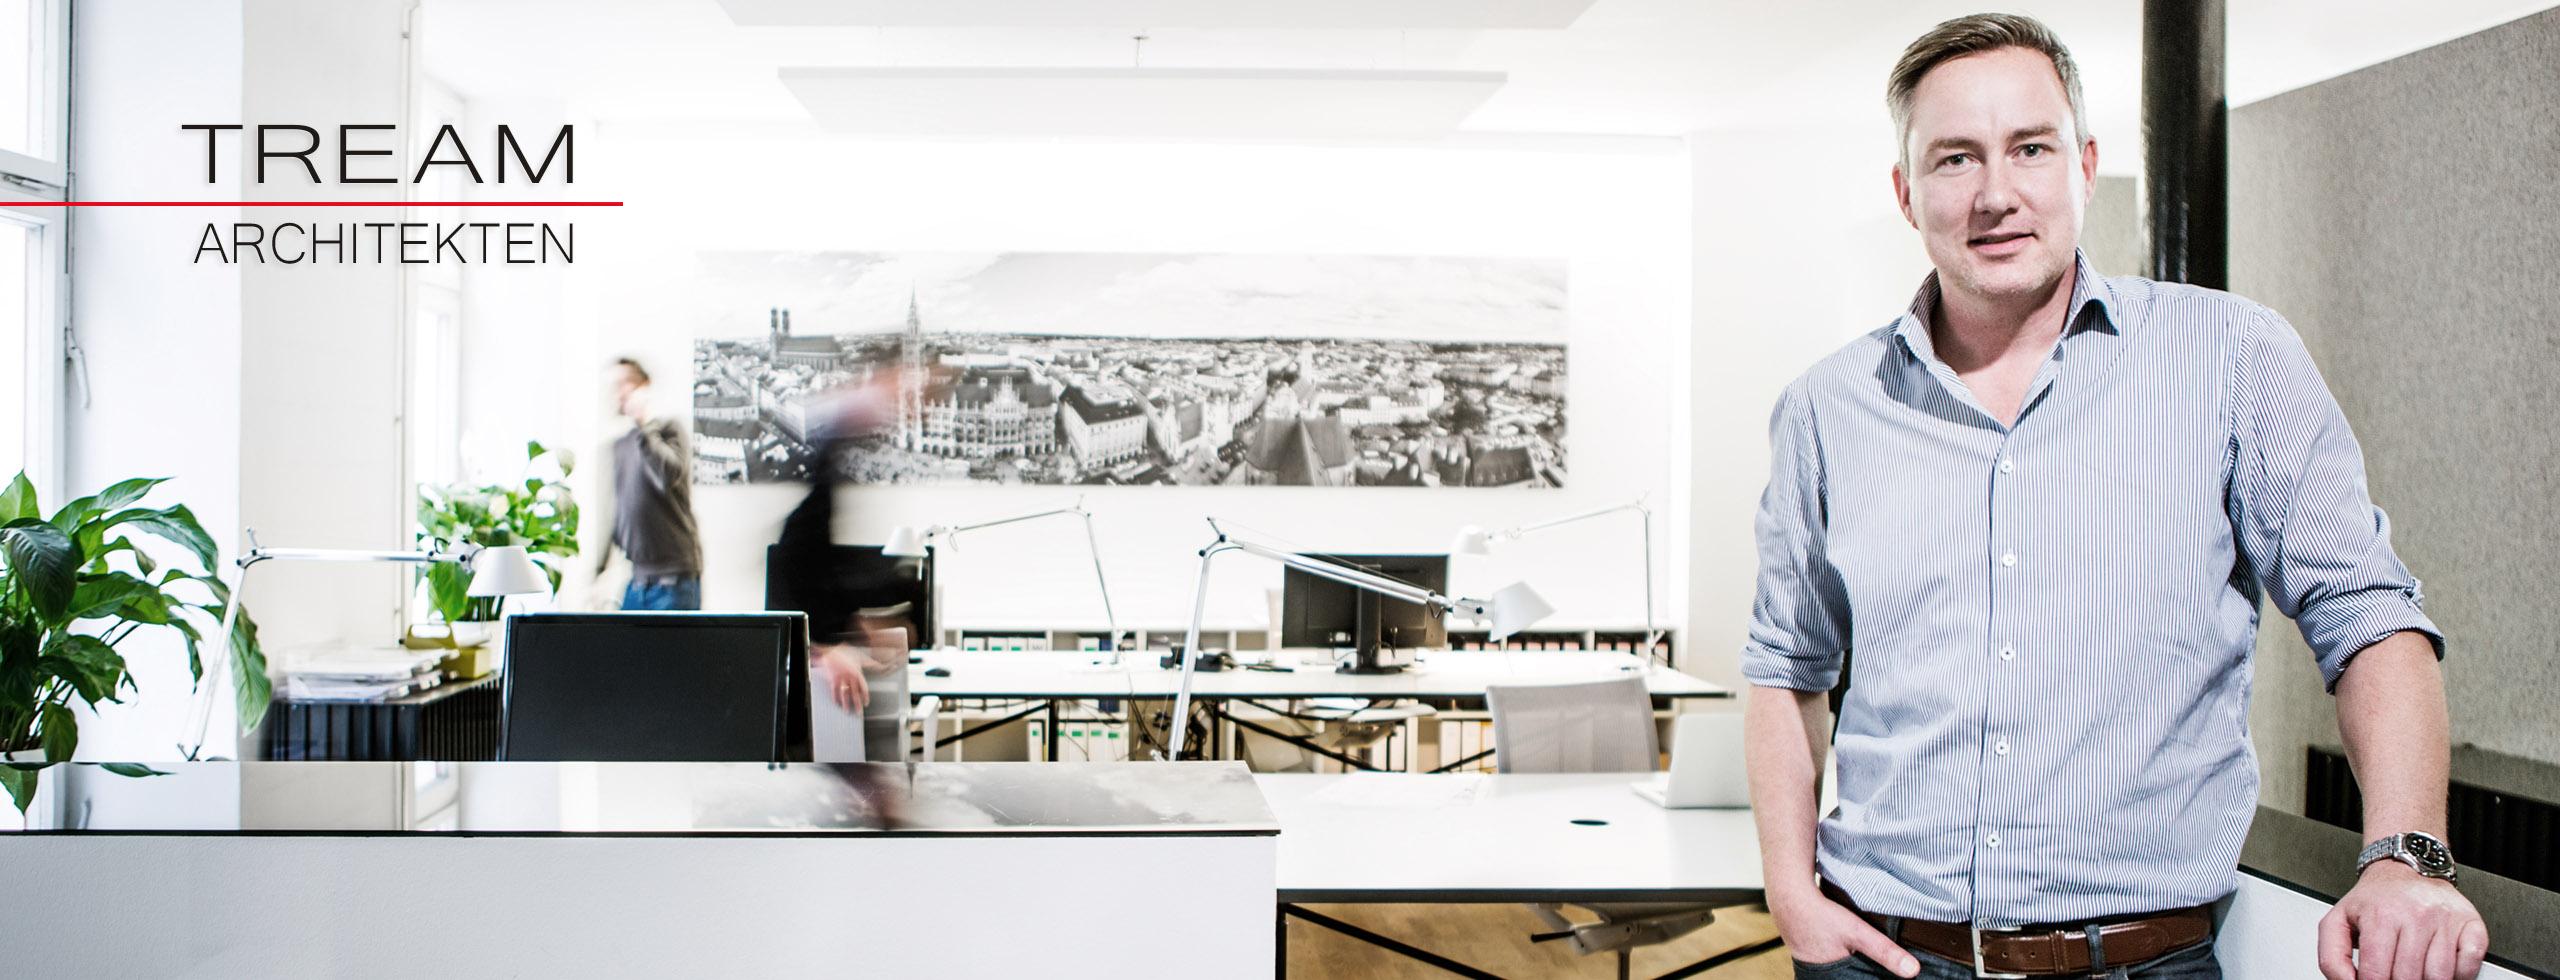 Architekt In München tream architekten münchen home